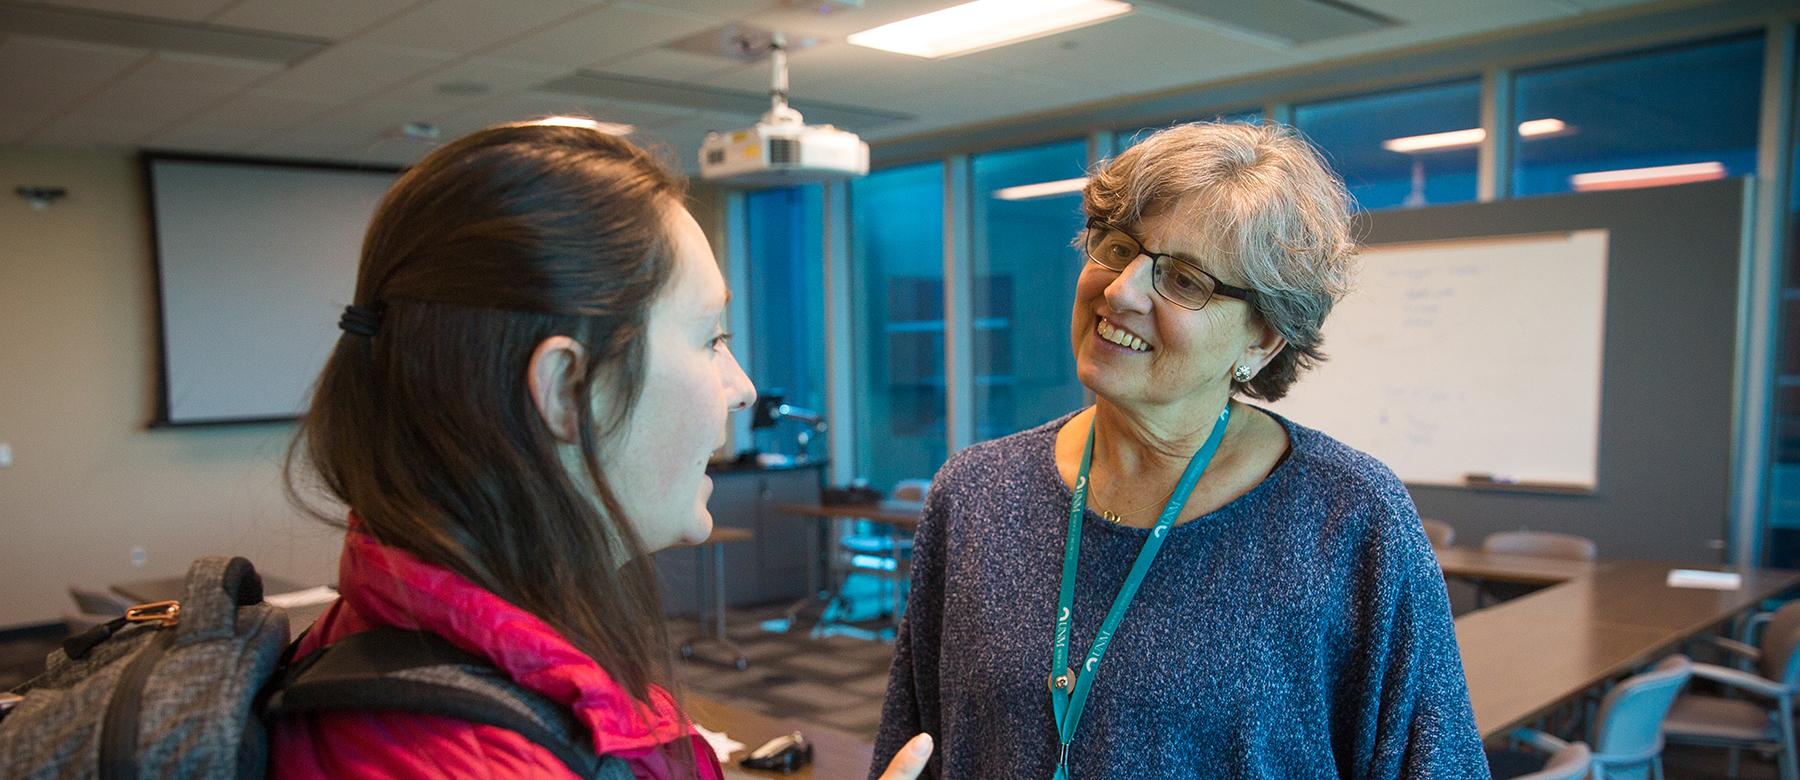 Elizabeth Lawrence, MD hablando con alguien